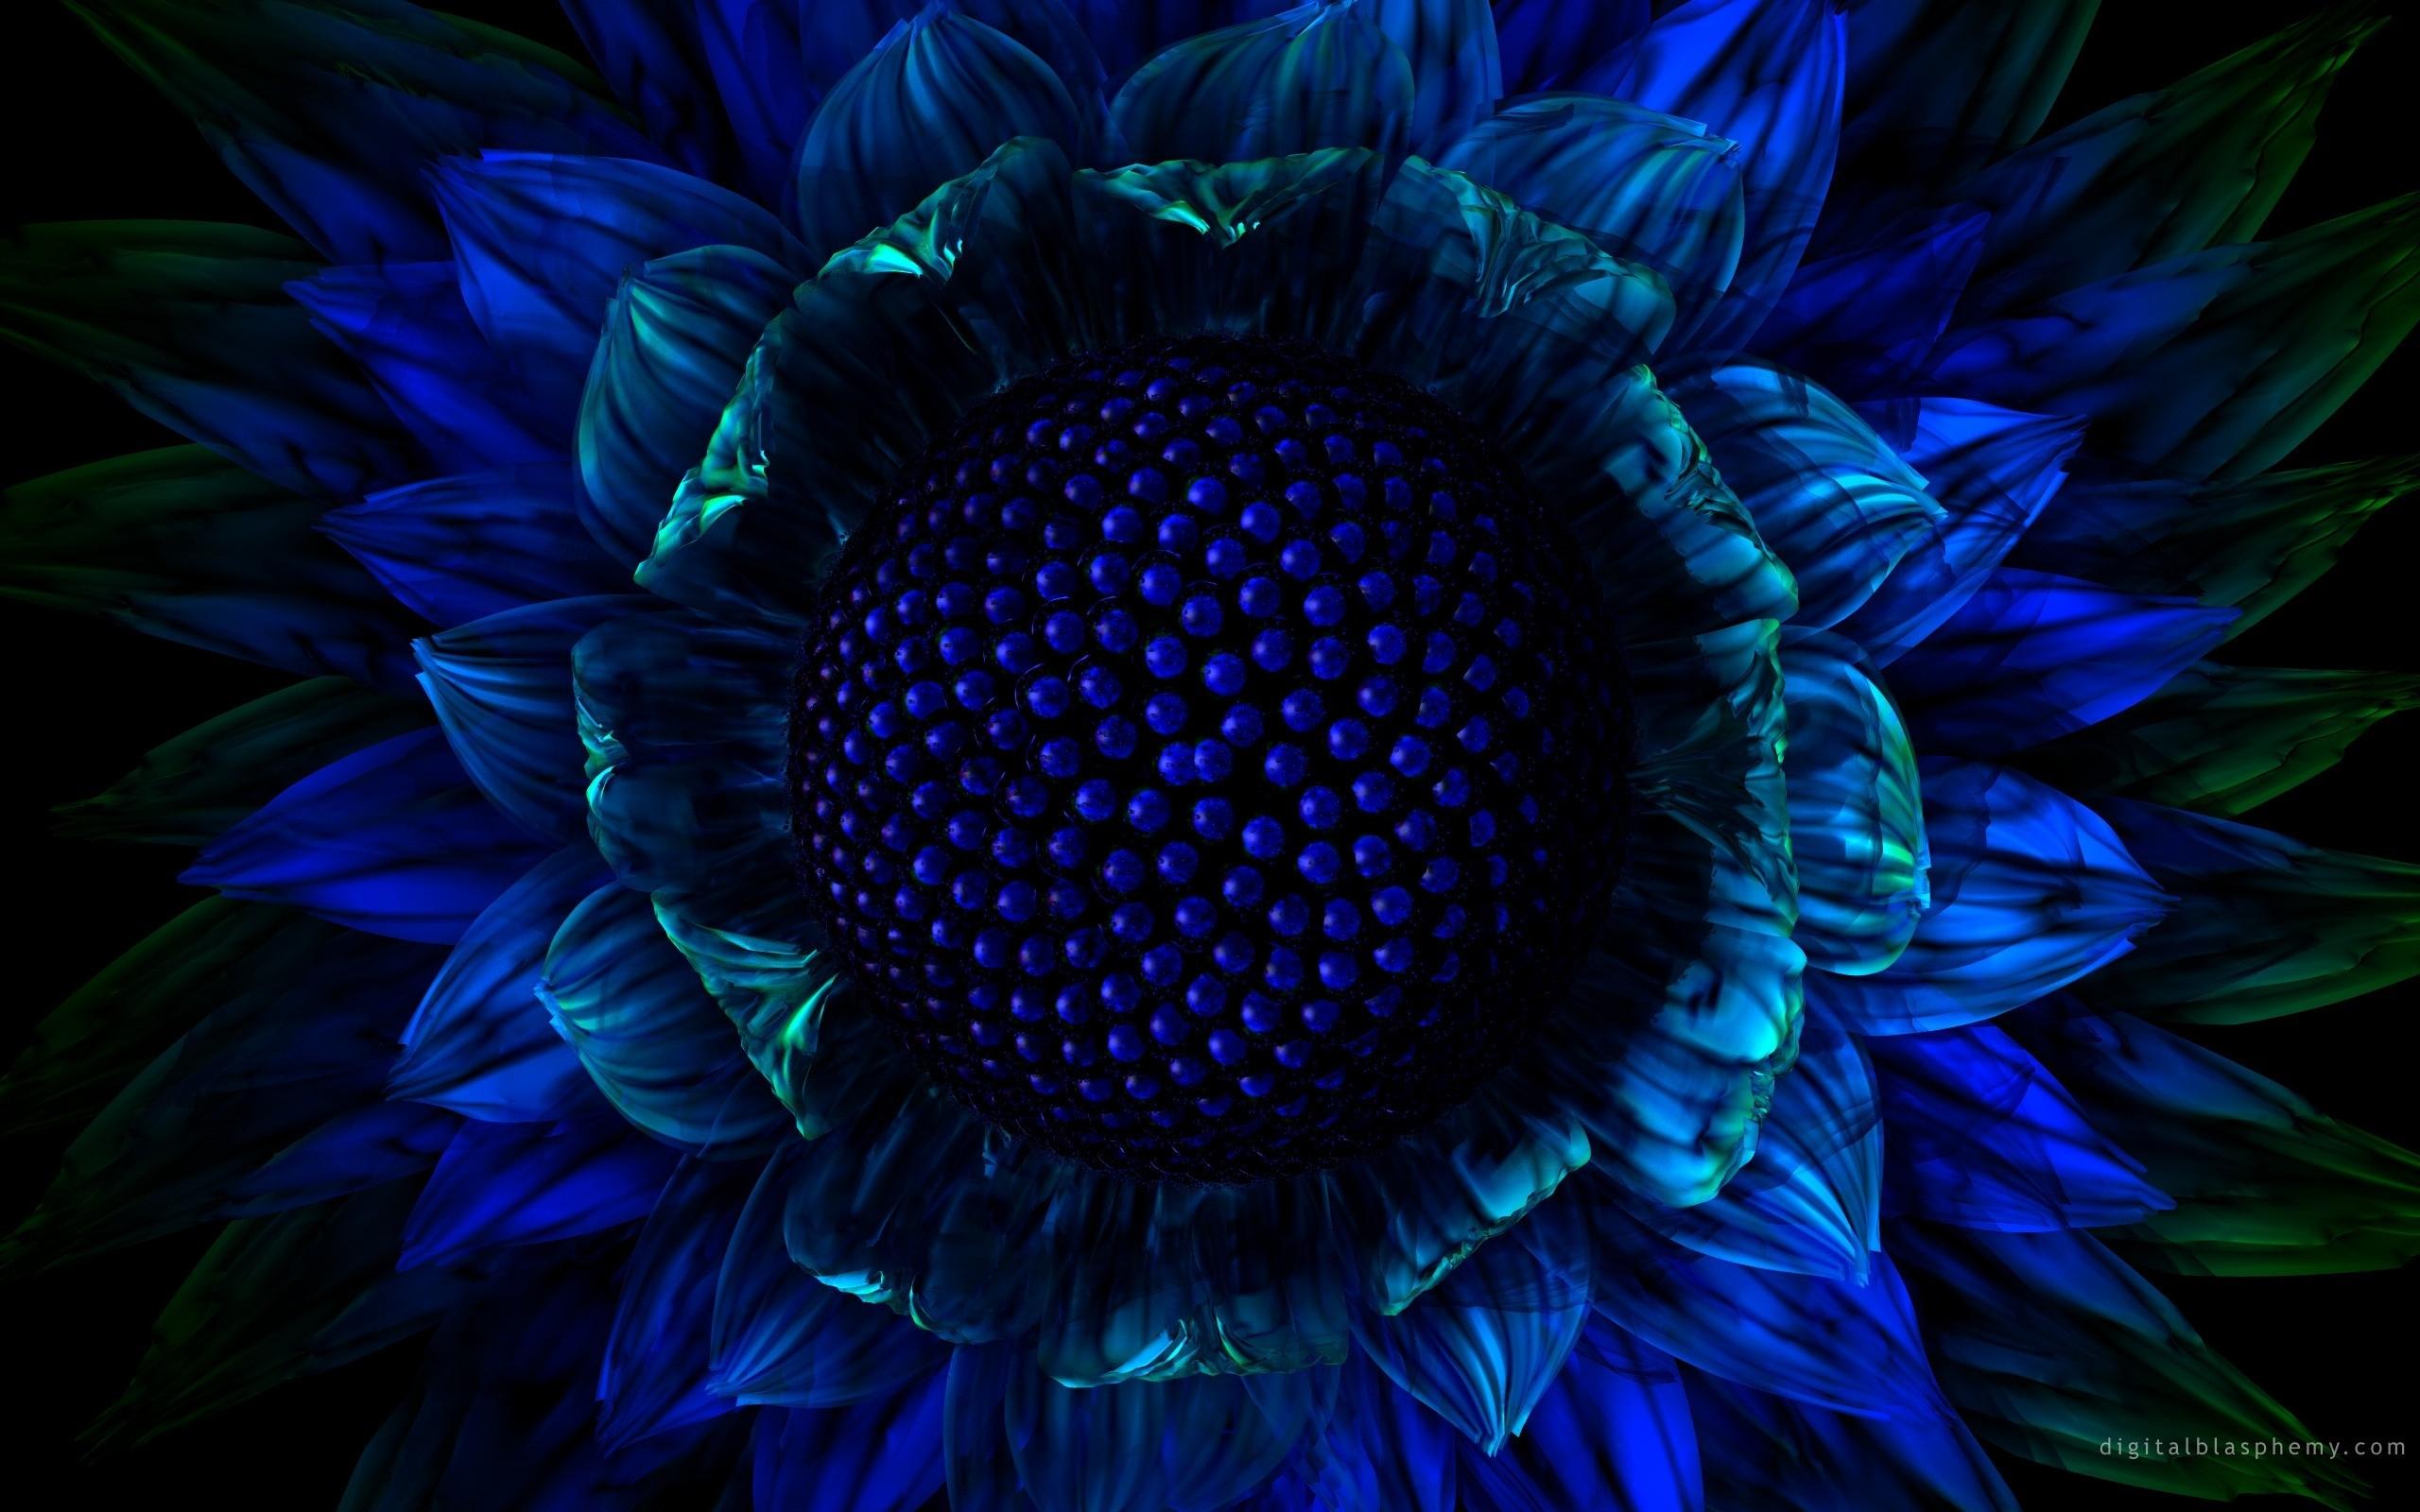 dark blue flowers wallpaper #16151 wallpaper   cool wallpaper